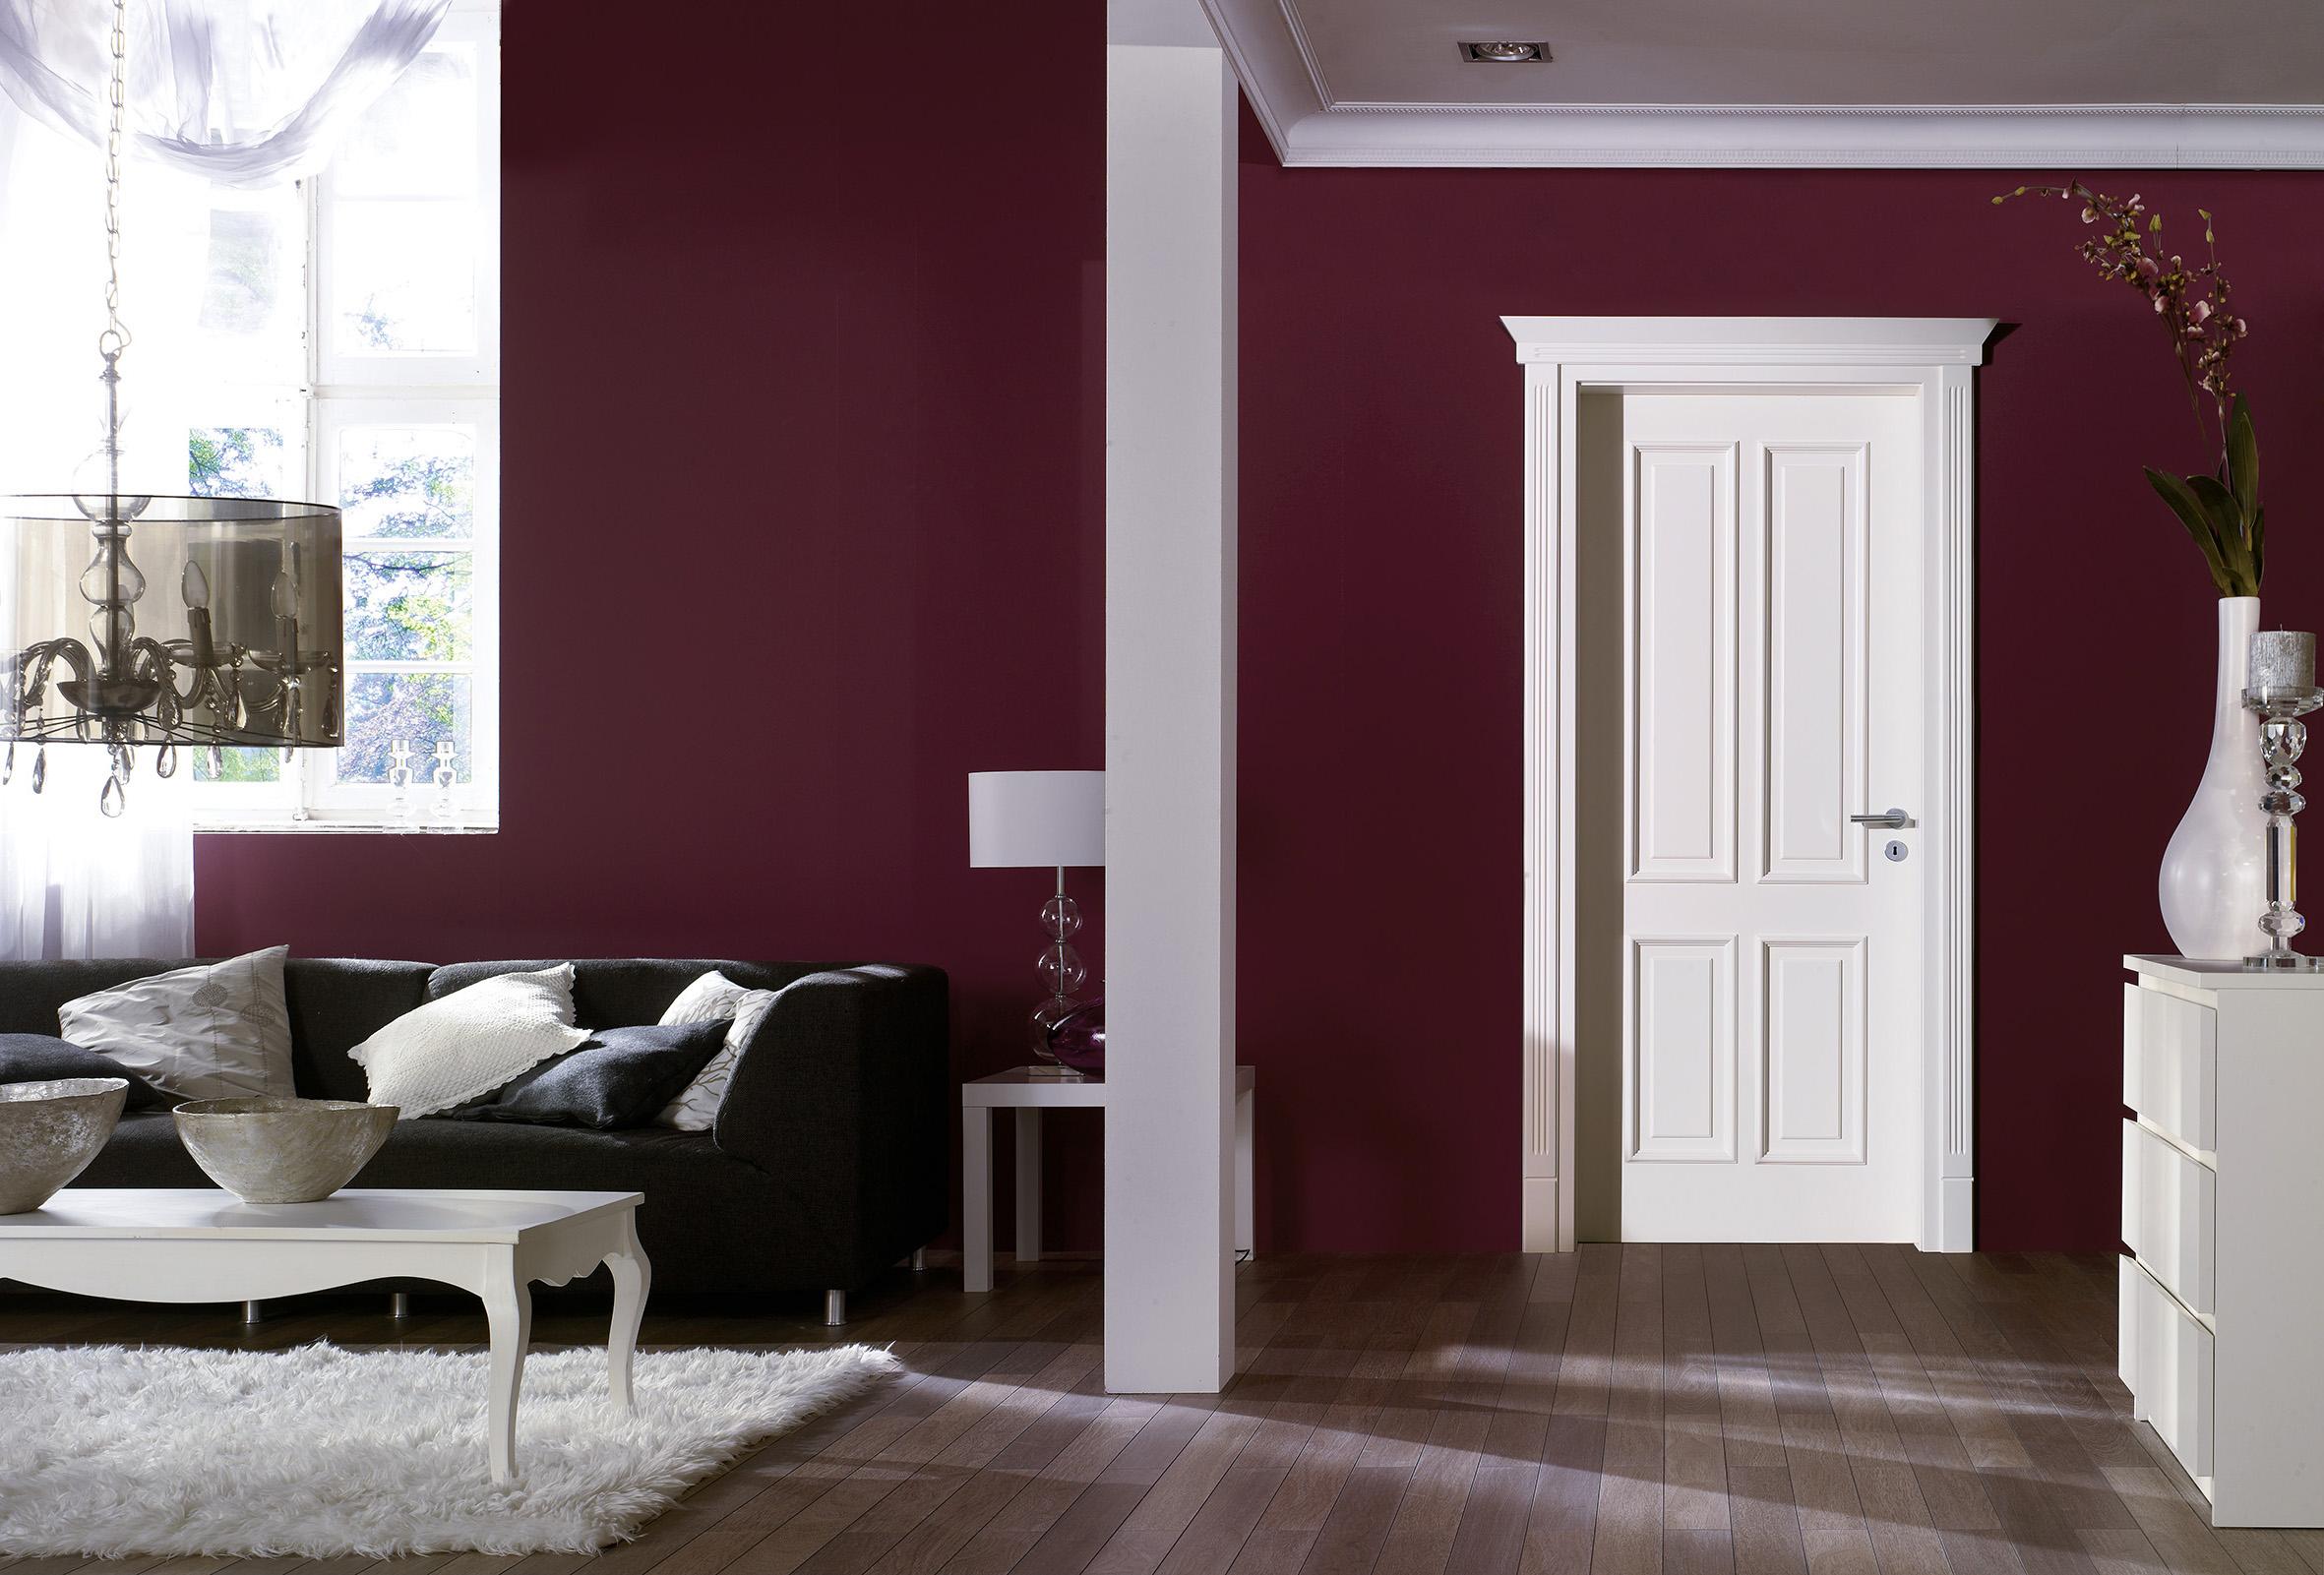 tischlermeister schneeloch t ren. Black Bedroom Furniture Sets. Home Design Ideas